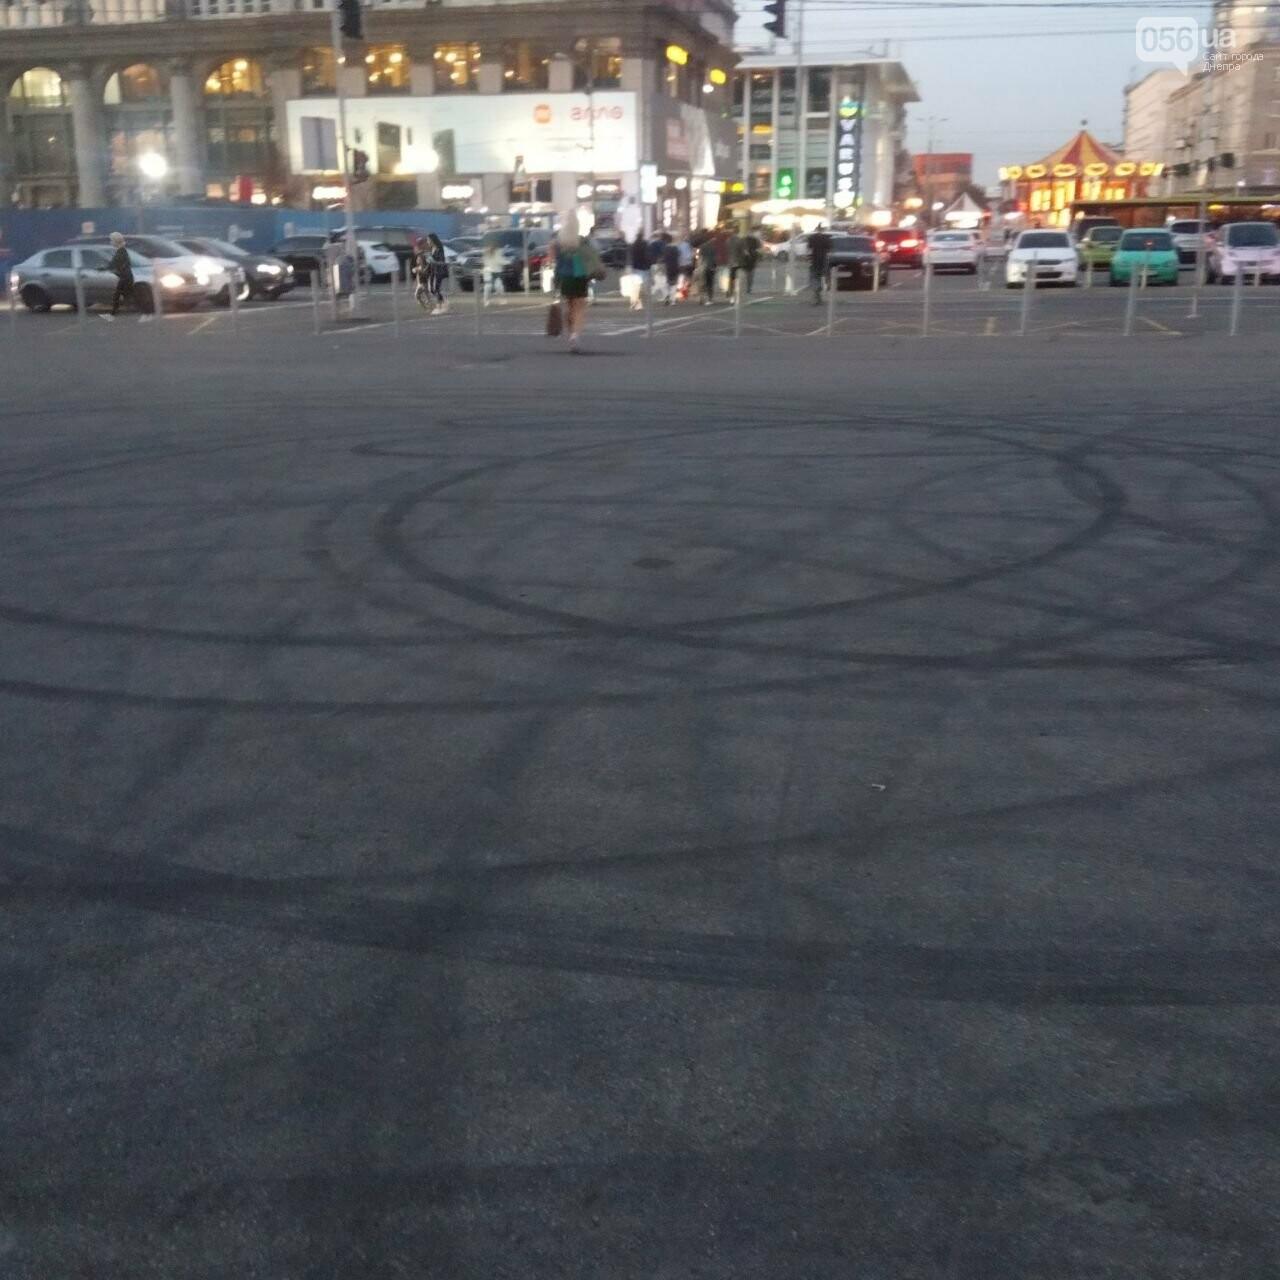 Дрифт в центре Киева спровоцировал скандал, а для Днепра стал шоу с жирными следами, - ФОТО, фото-15